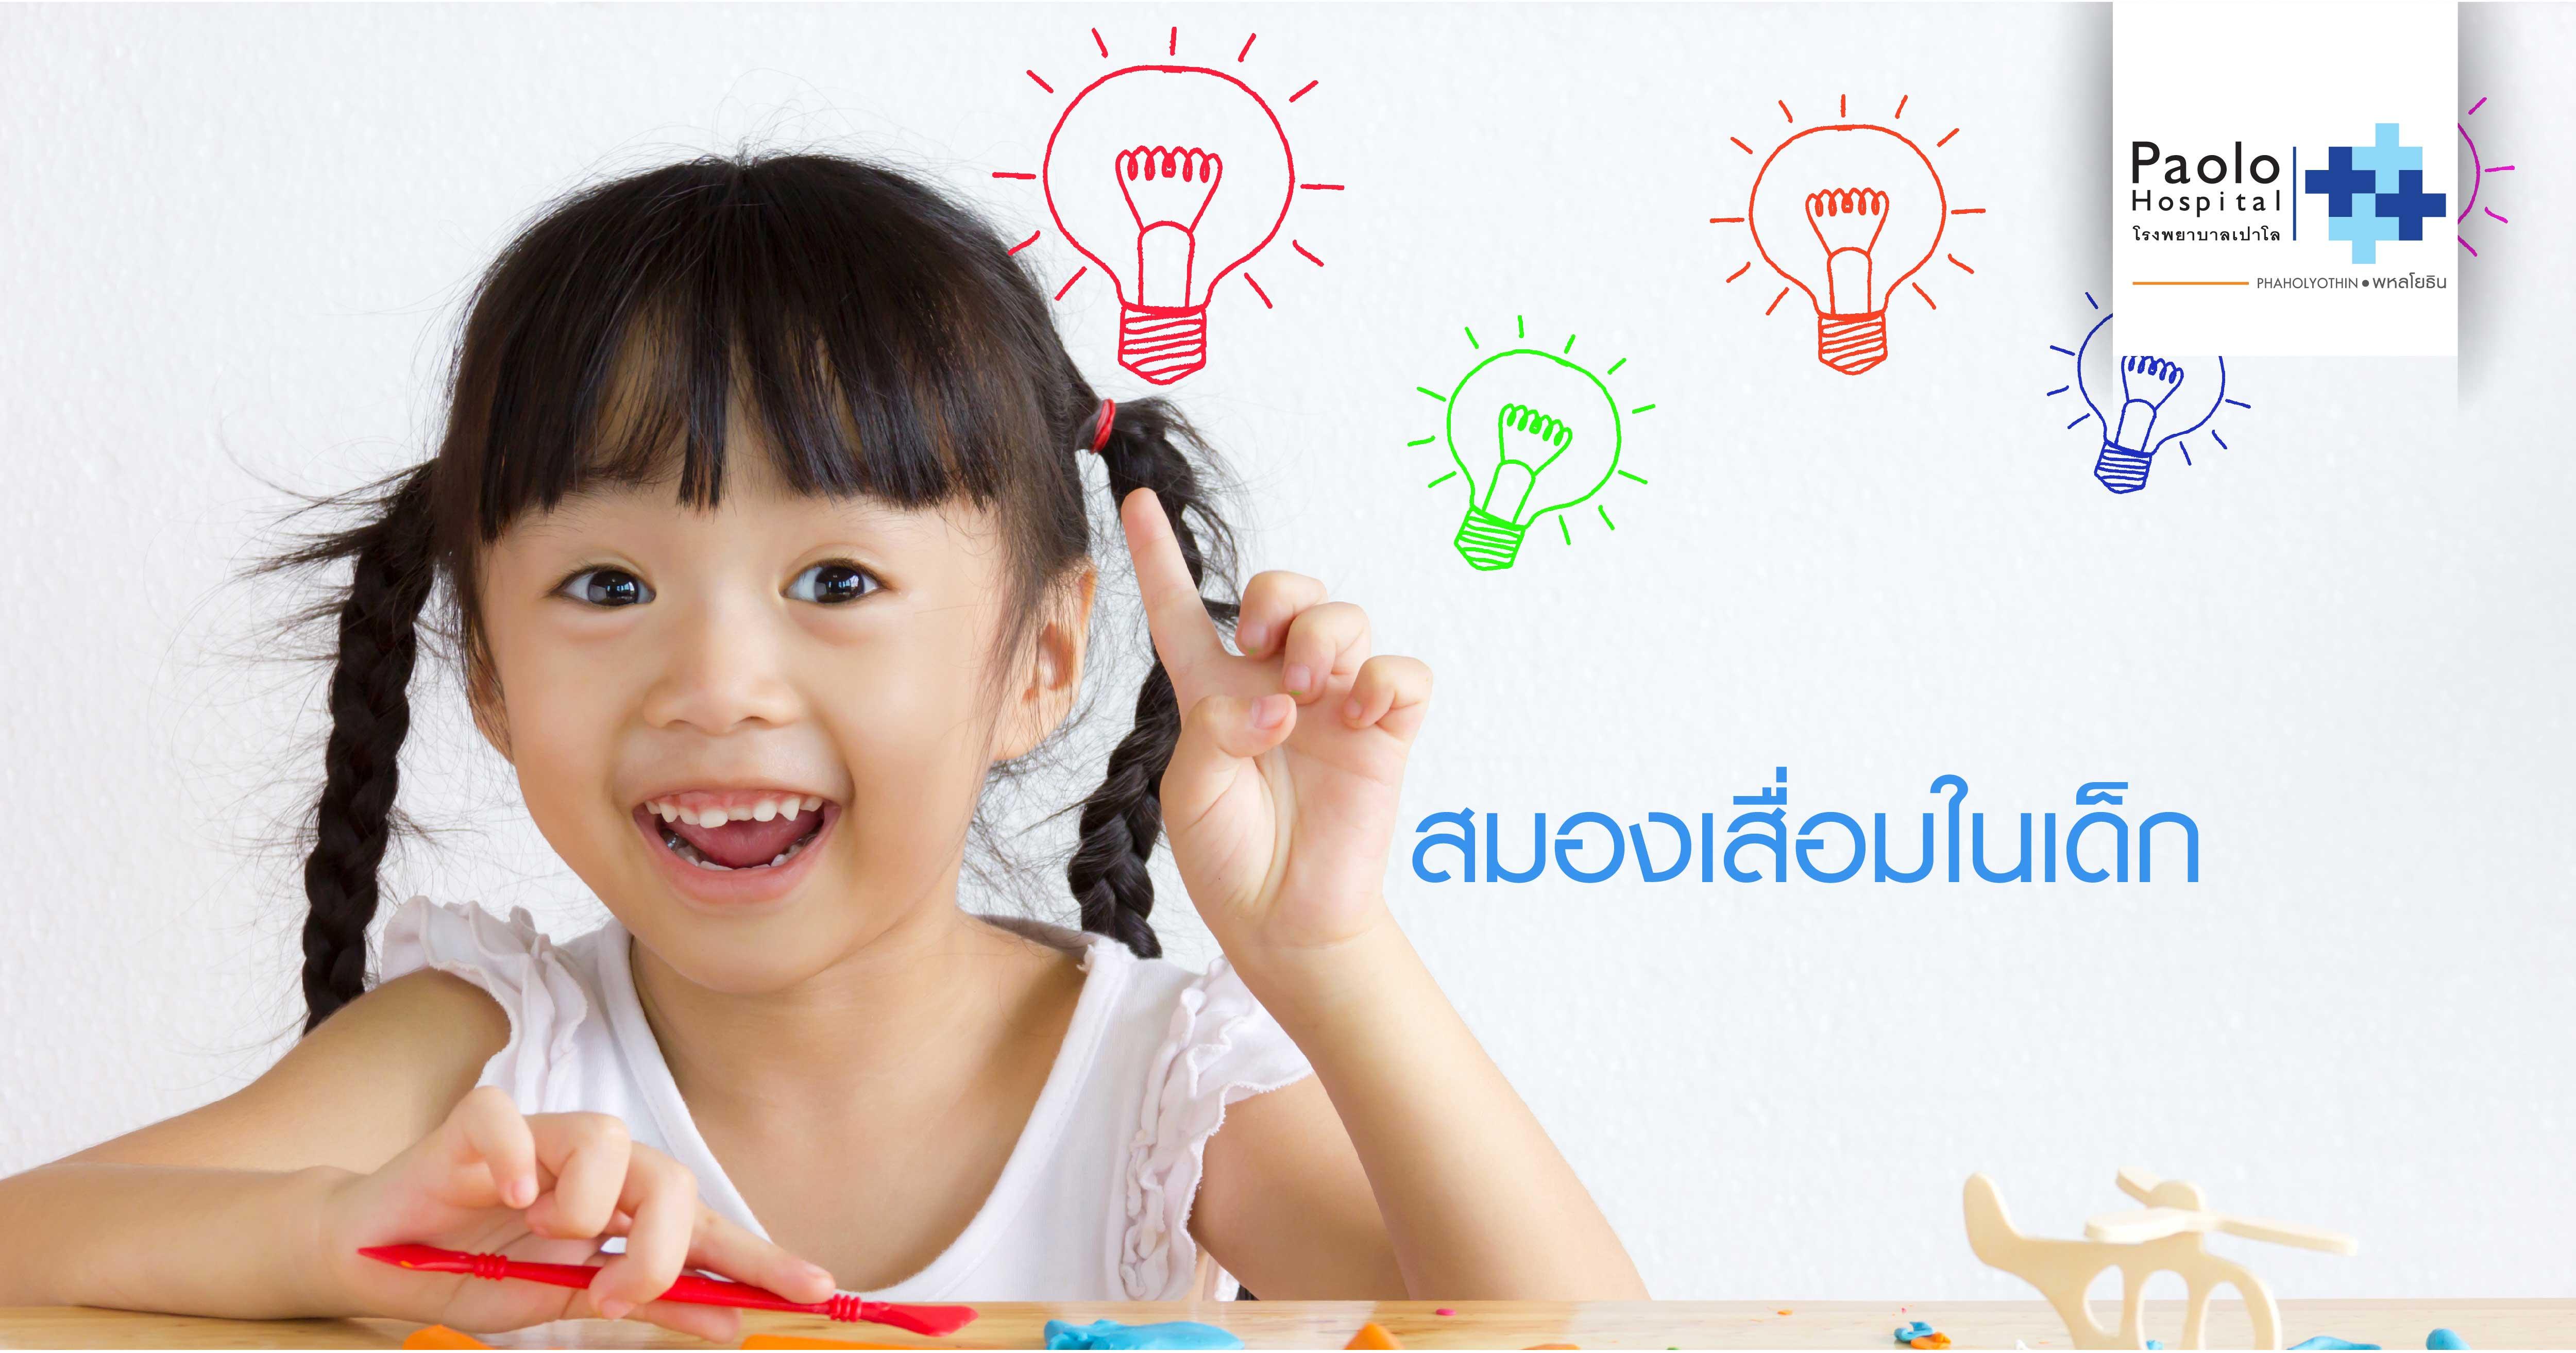 ภาวะสมองเสื่อมในเด็ก…มีจริงหรือ